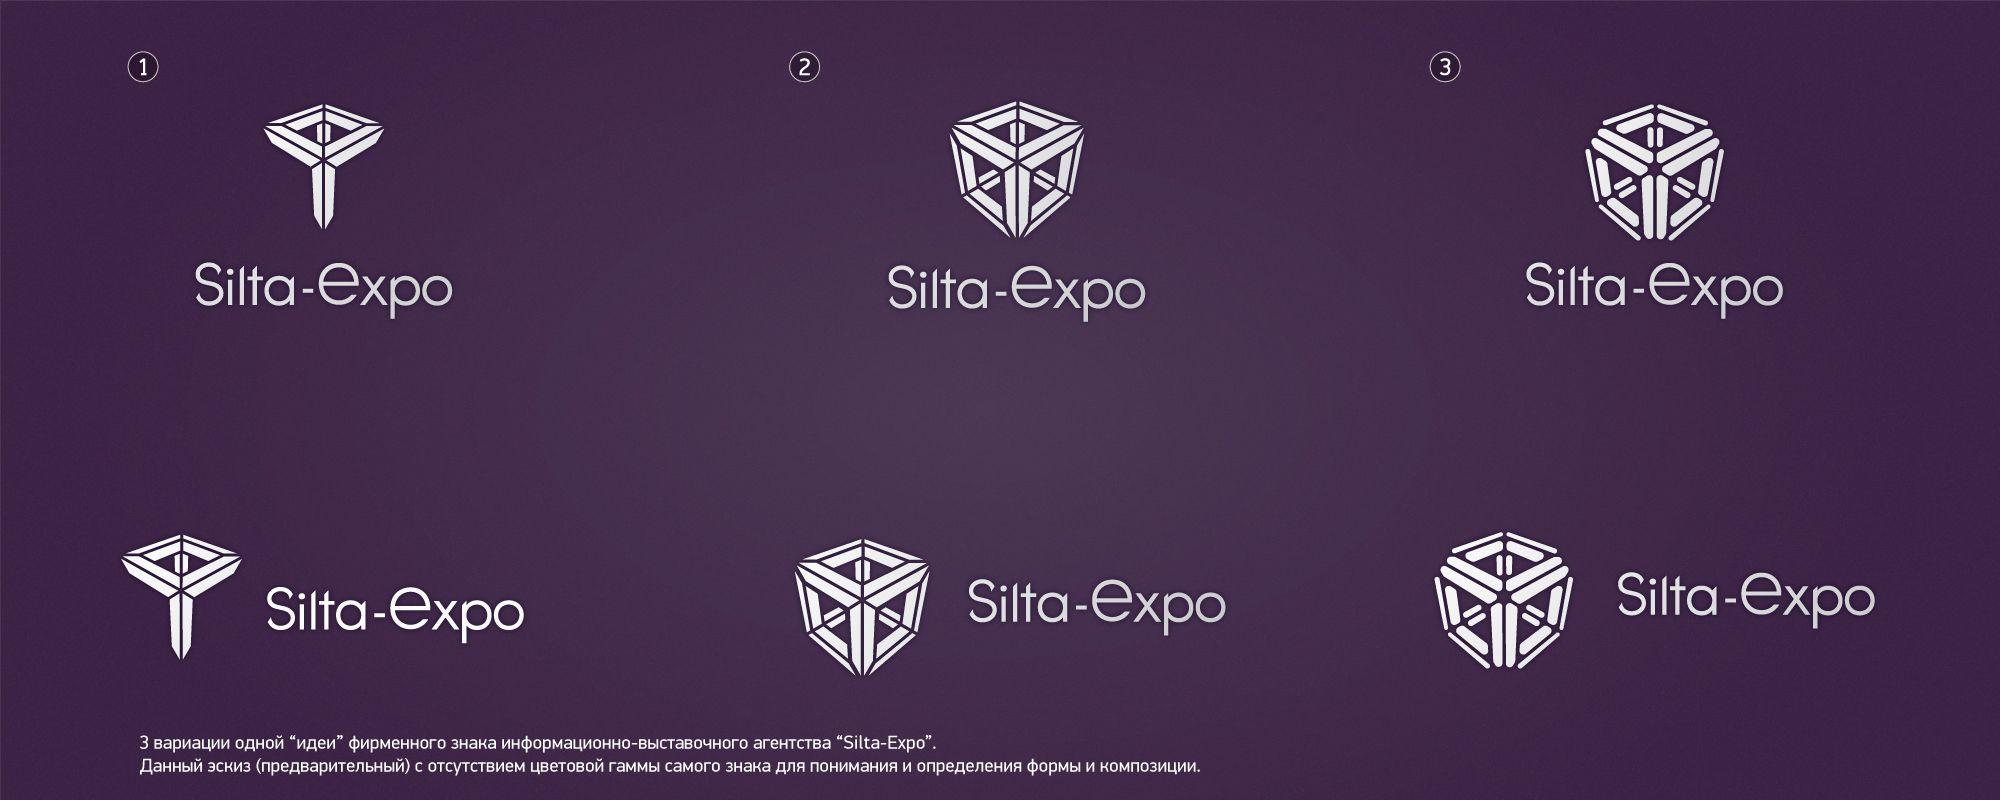 Логотип для Информационно-выставочного агентства - дизайнер Fuzz0